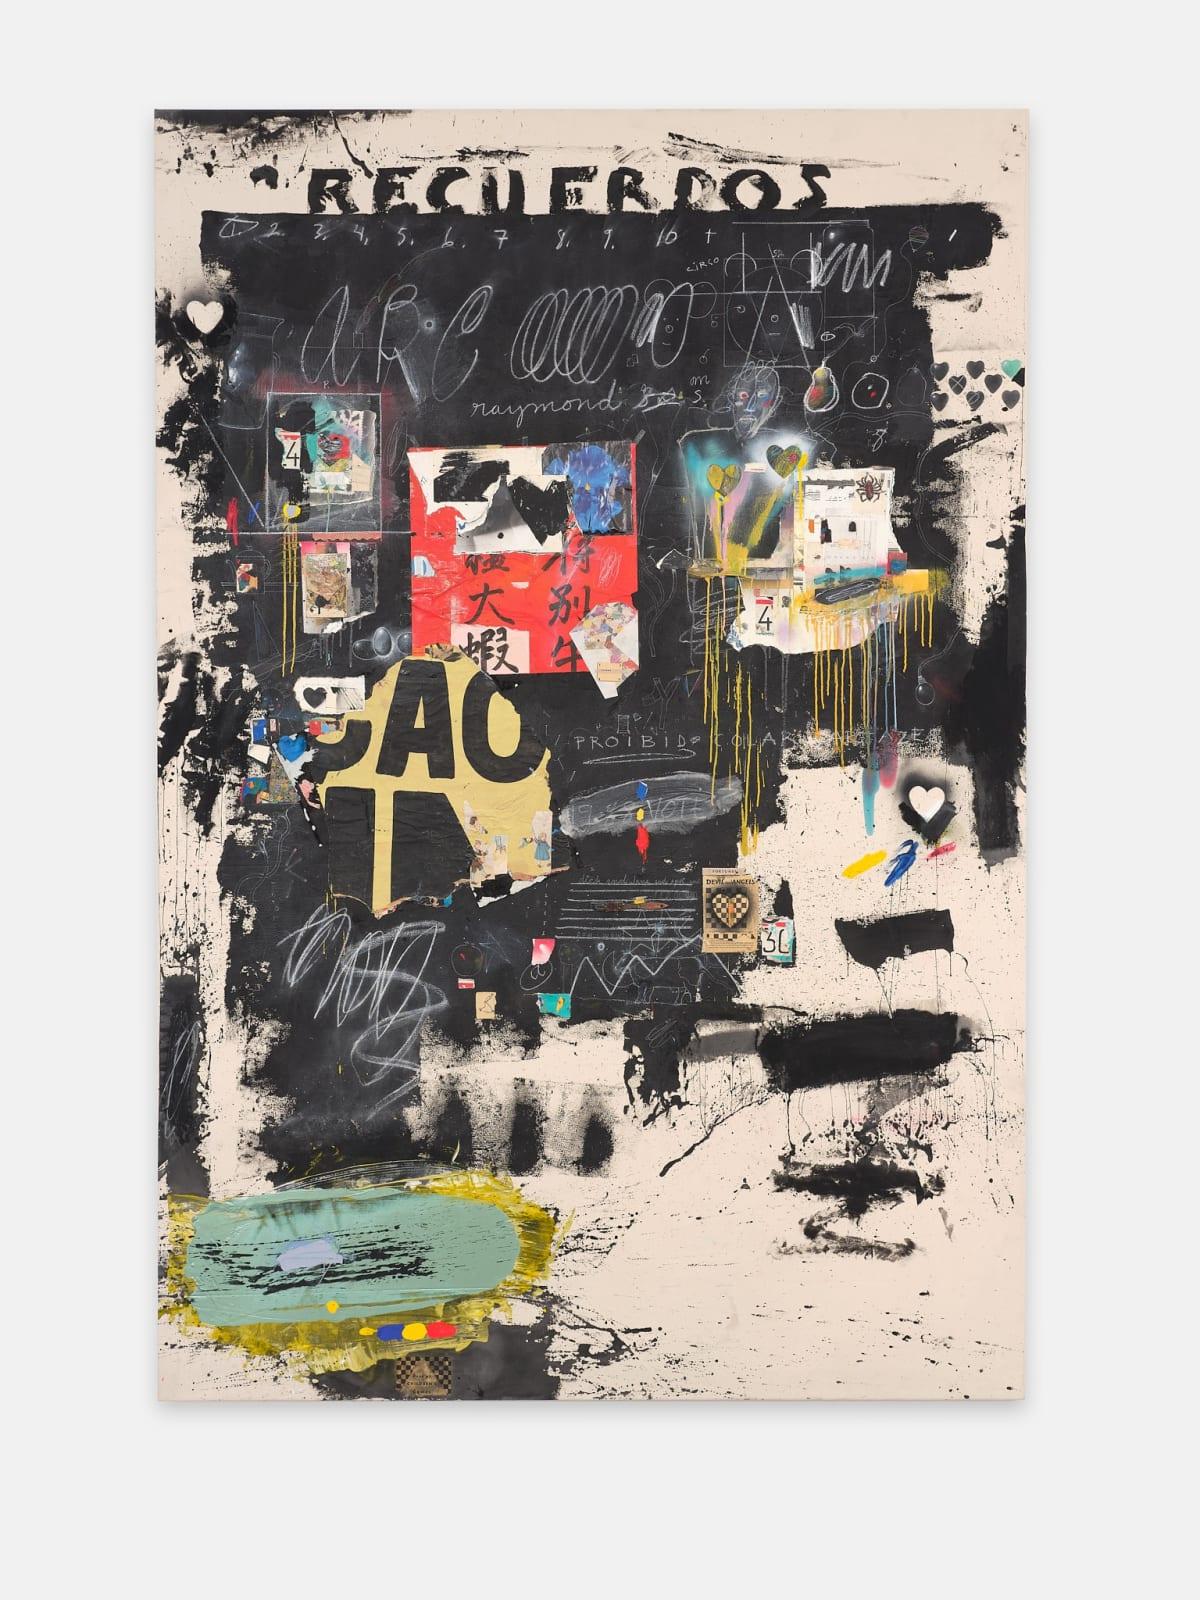 Raymond Saunders 40 Years: Paris/Oakland